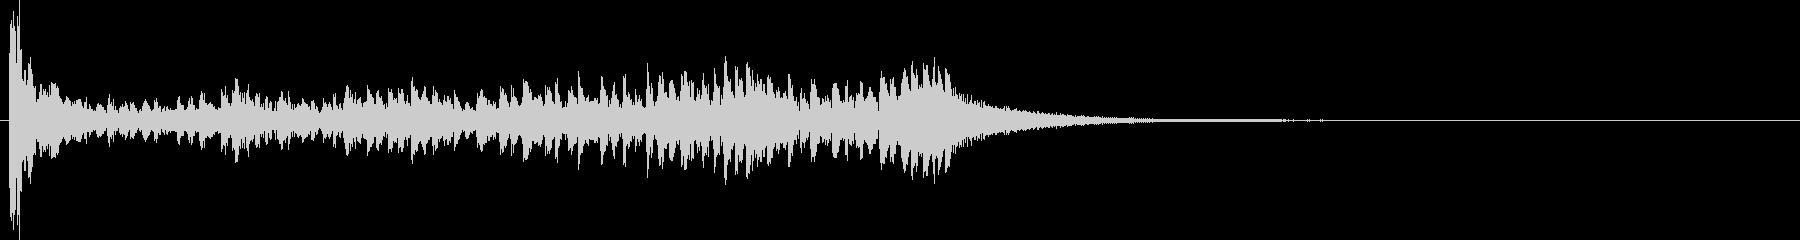 ティンパニ:Dbロール、ティンパニ...の未再生の波形